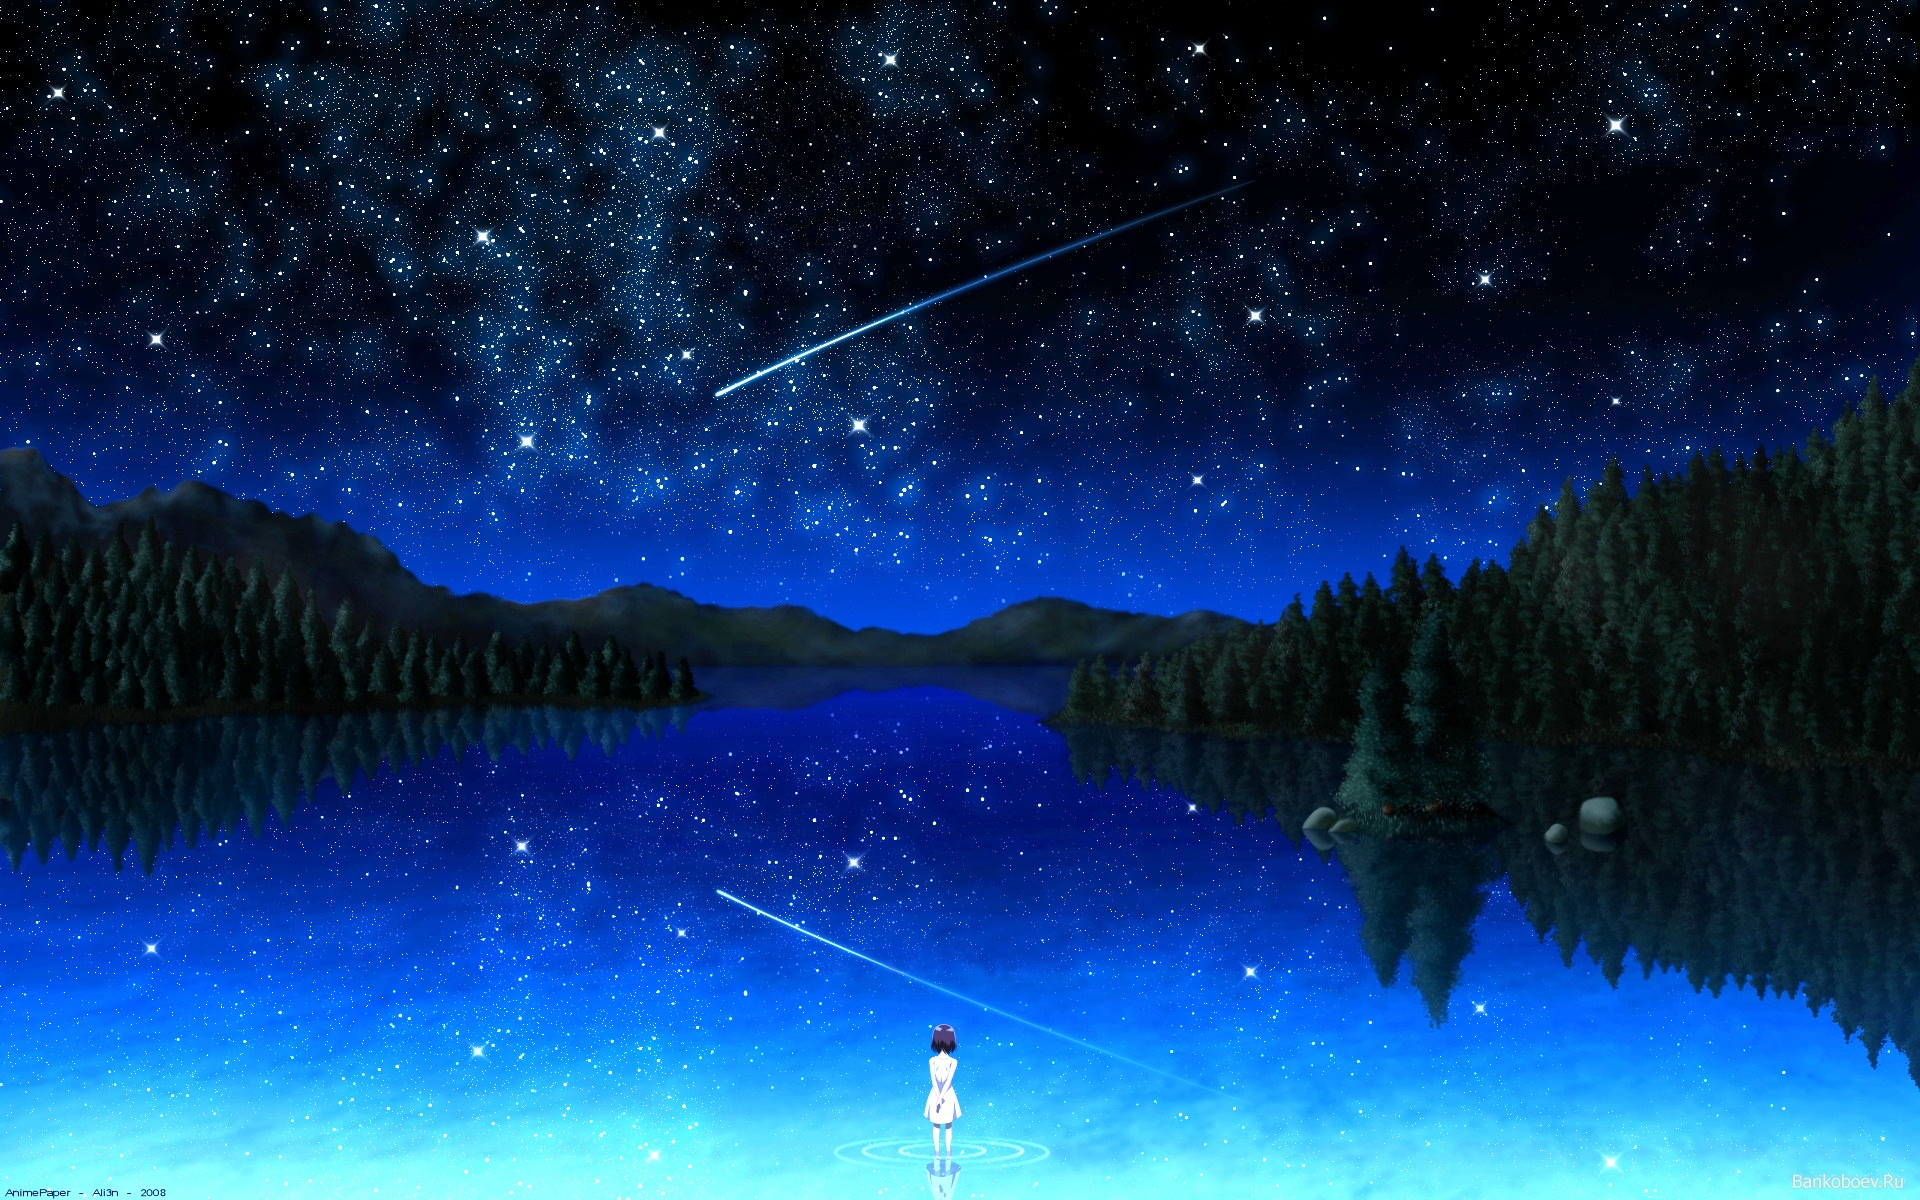 Звездная ночь картинки, хорошо что есть